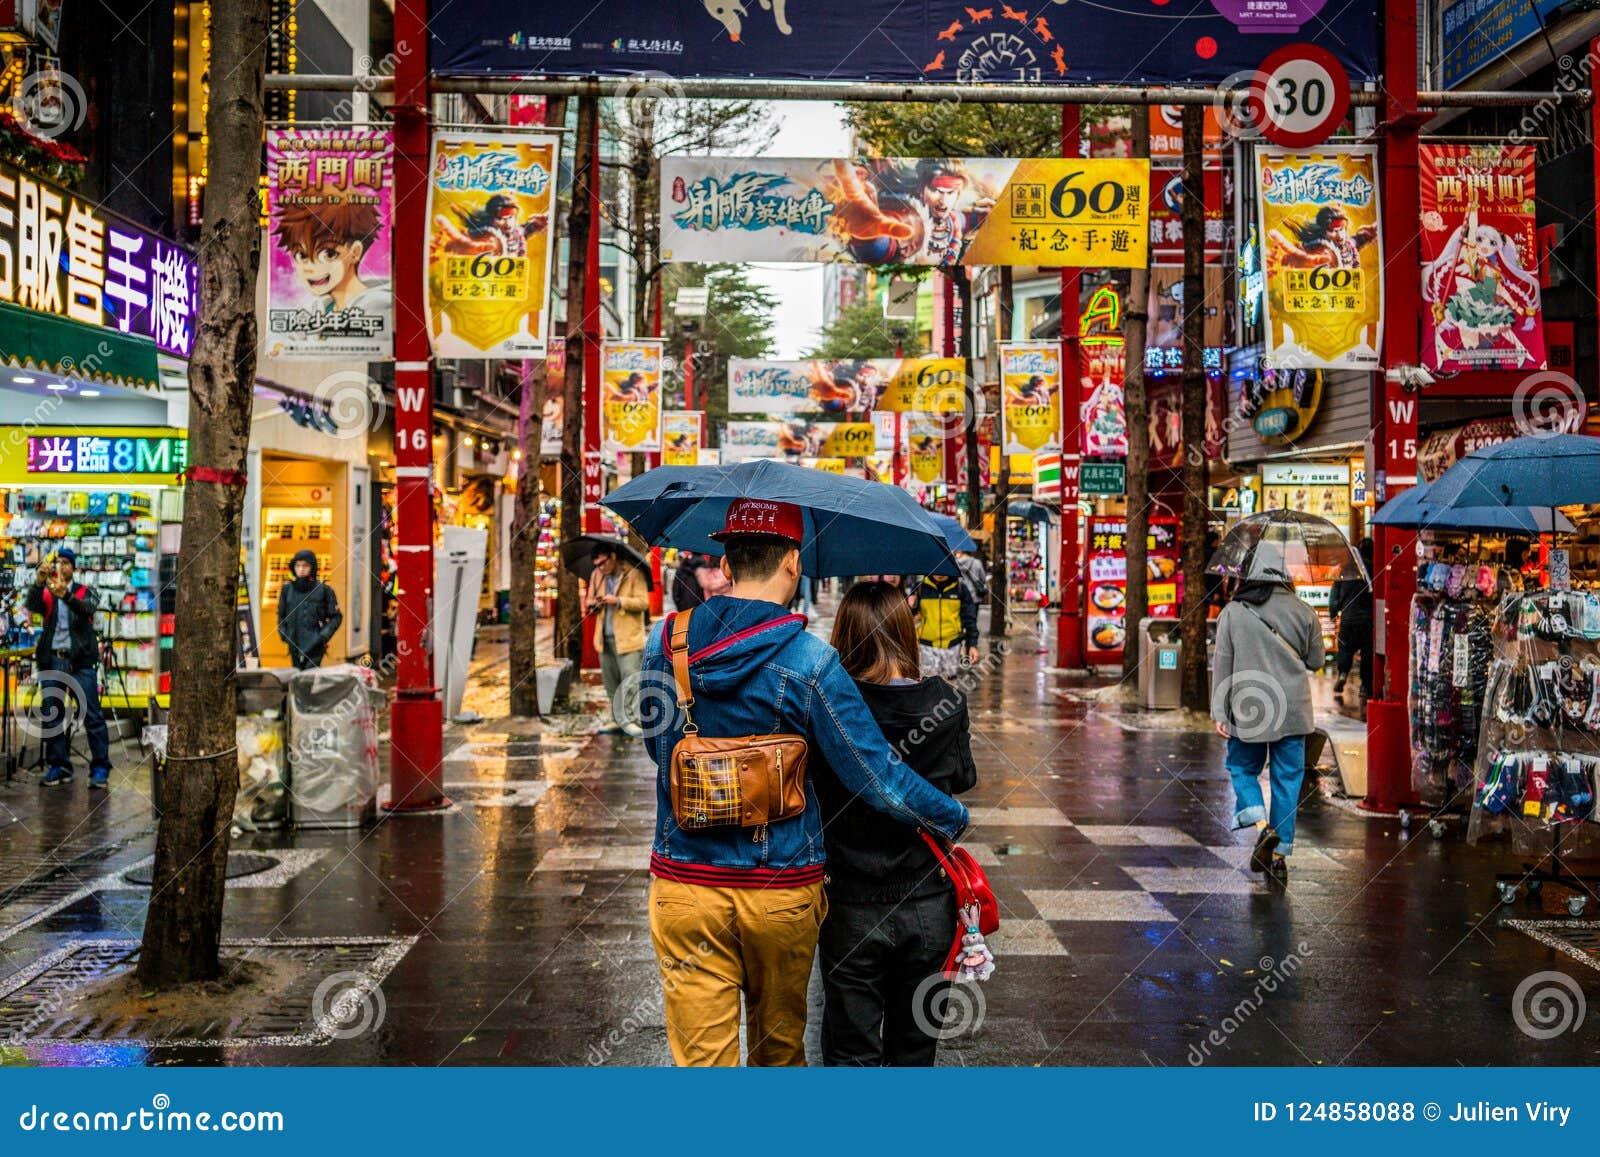 Streetview da rua pedestre com pares bonitos no distrito da compra de Ximending em Taipei Taiwan